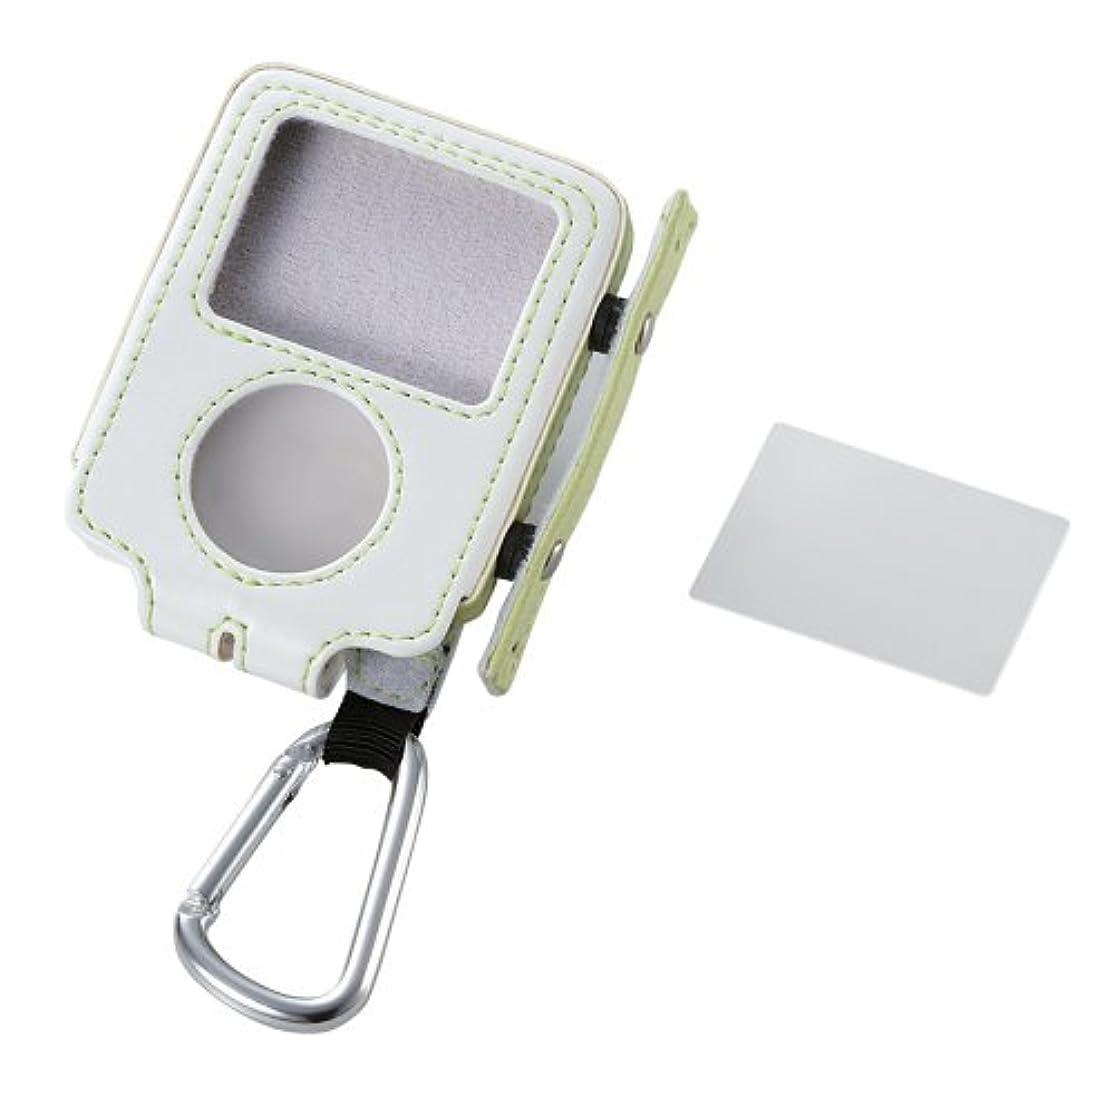 エレコム 3rd iPod nano用レザーケース 巻取りタイプ(グリーン) AVD-LCRA3NGN